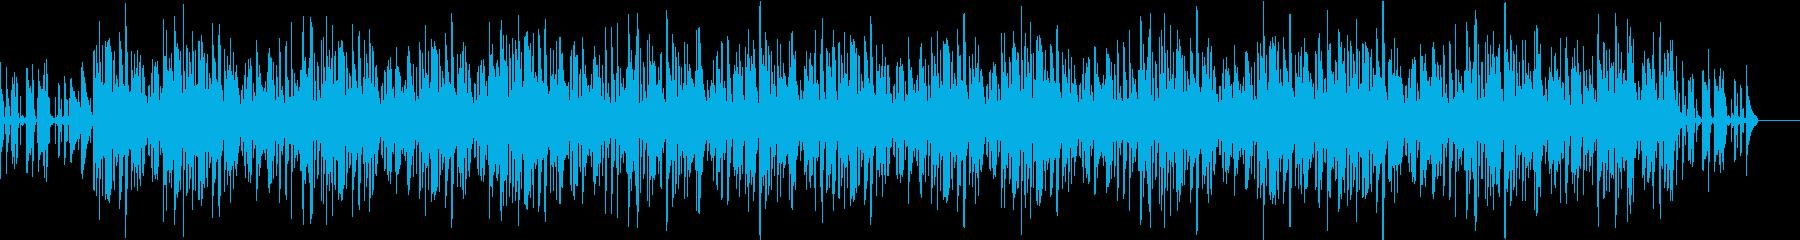 アップテンポで軽快なジャズの再生済みの波形